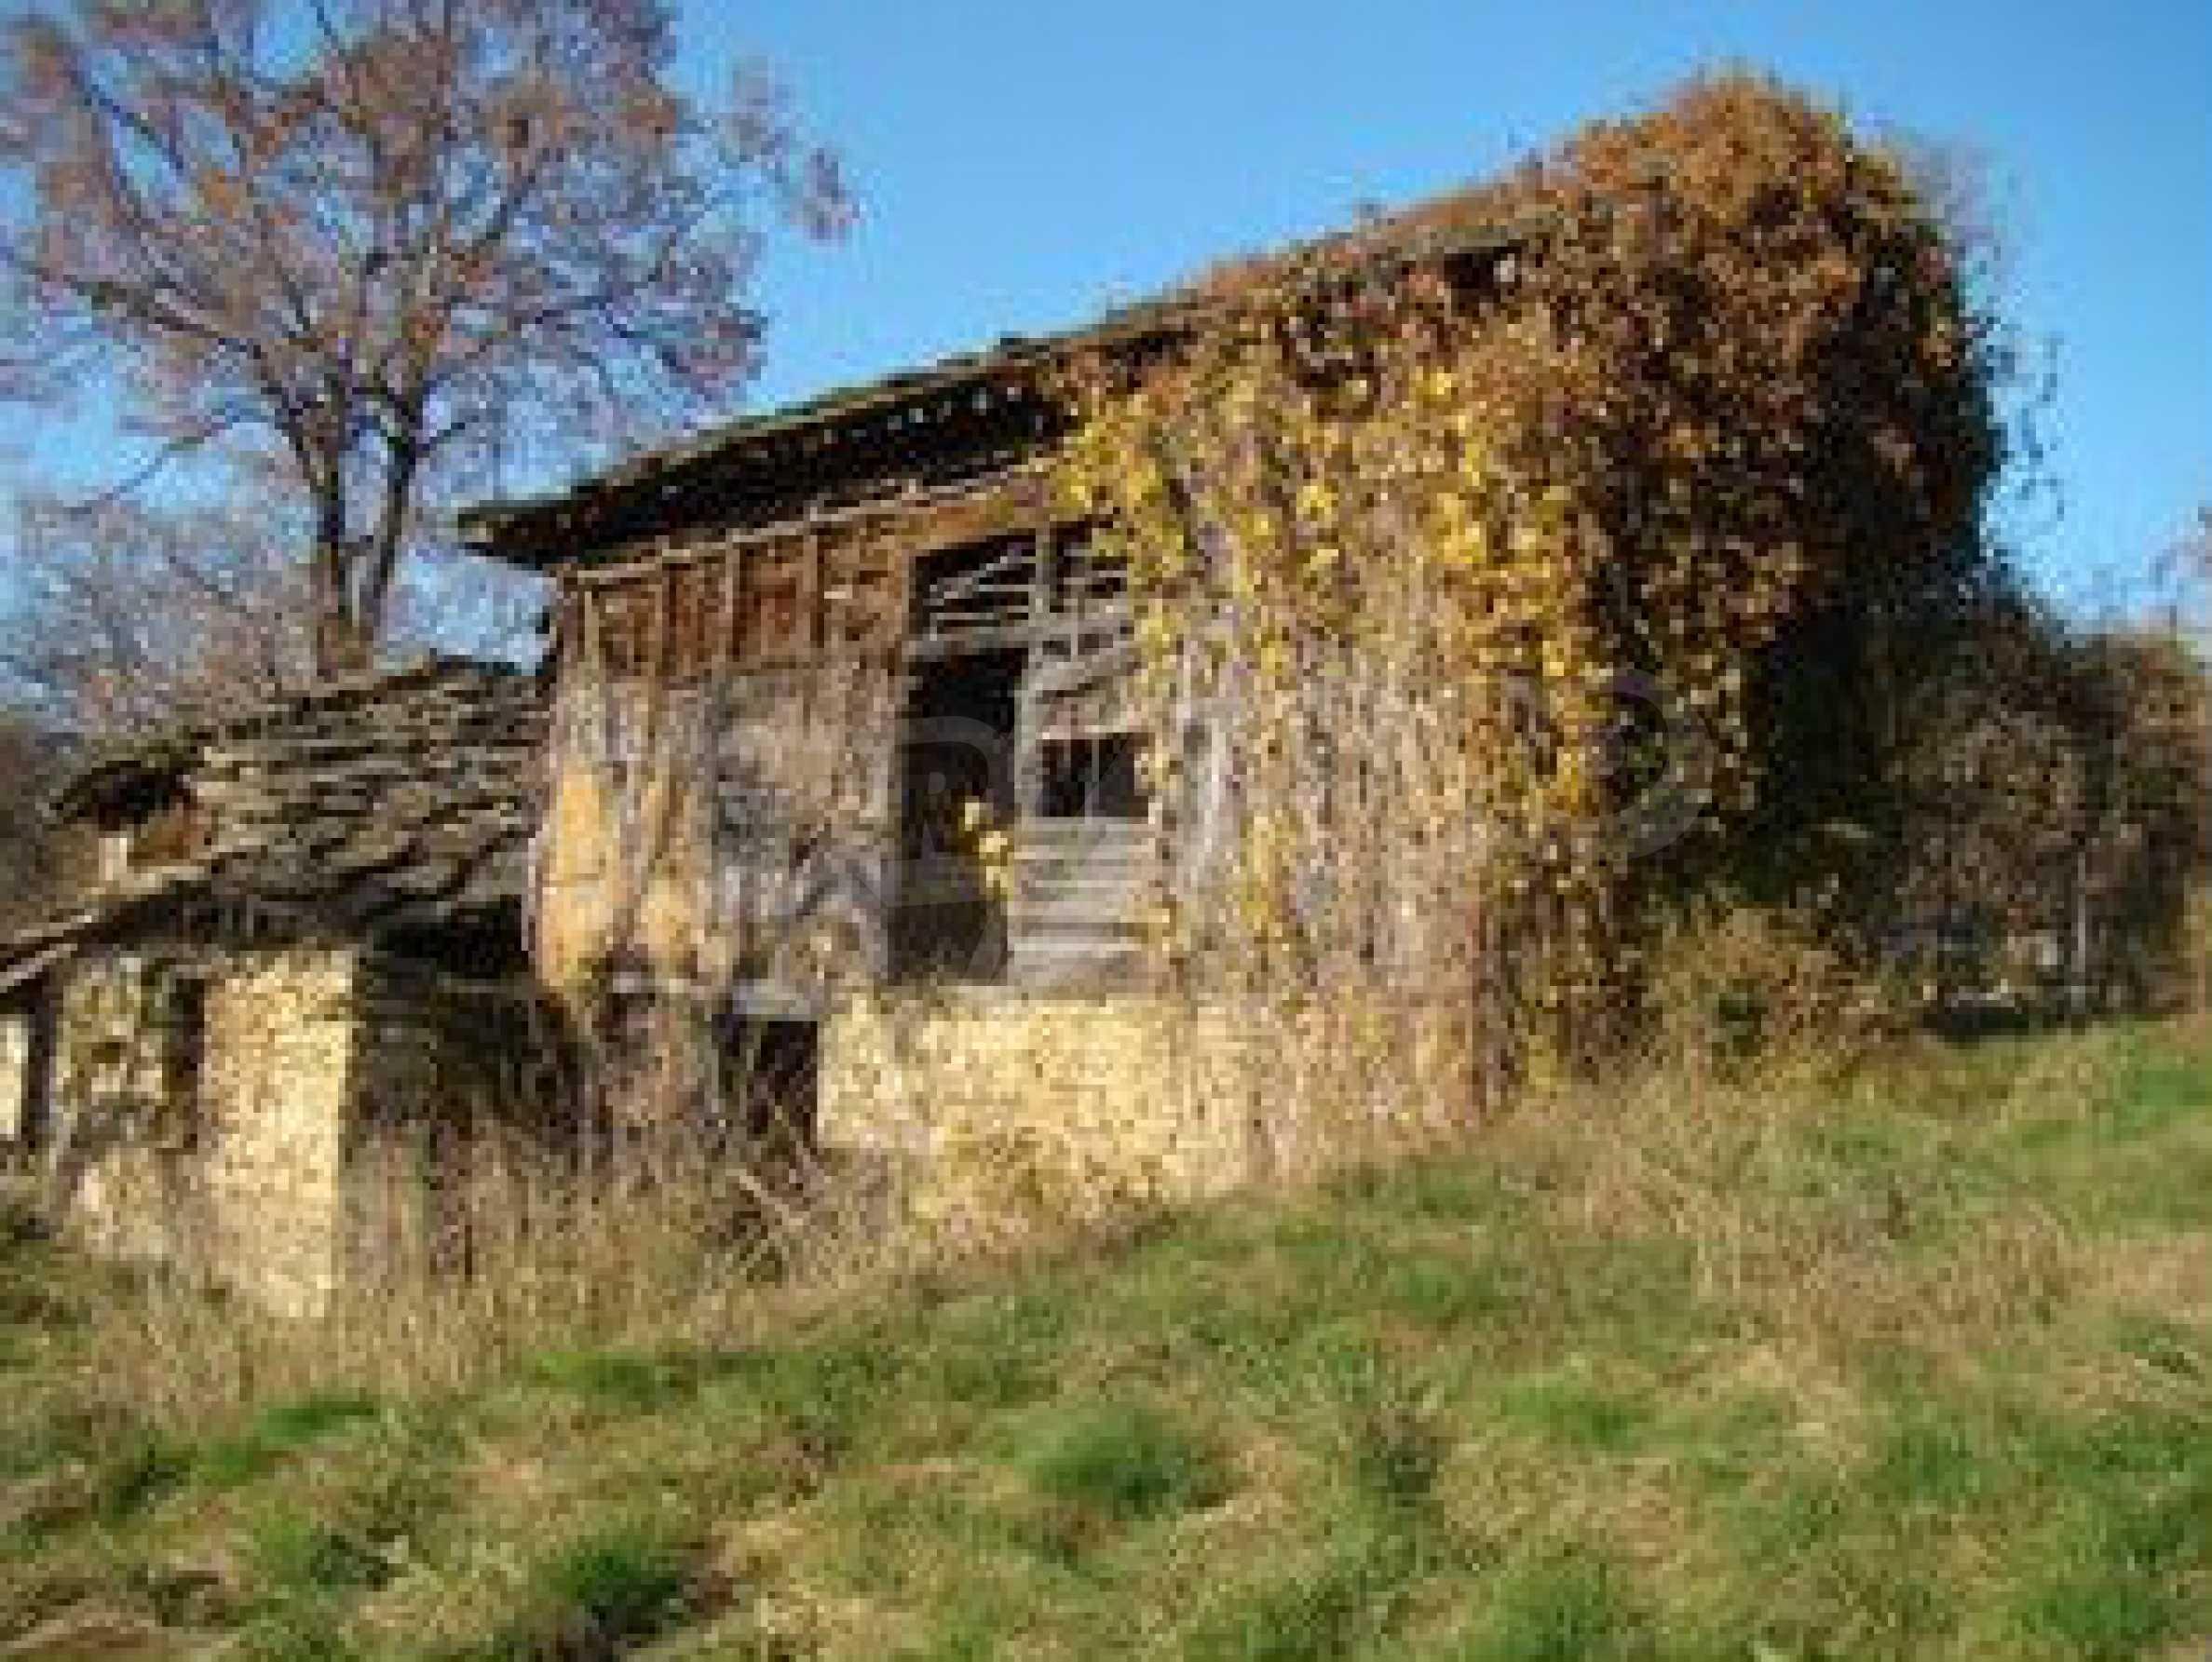 Земельный участок со старым каменным сараем в деревне в 3 км. от города Трявна 1